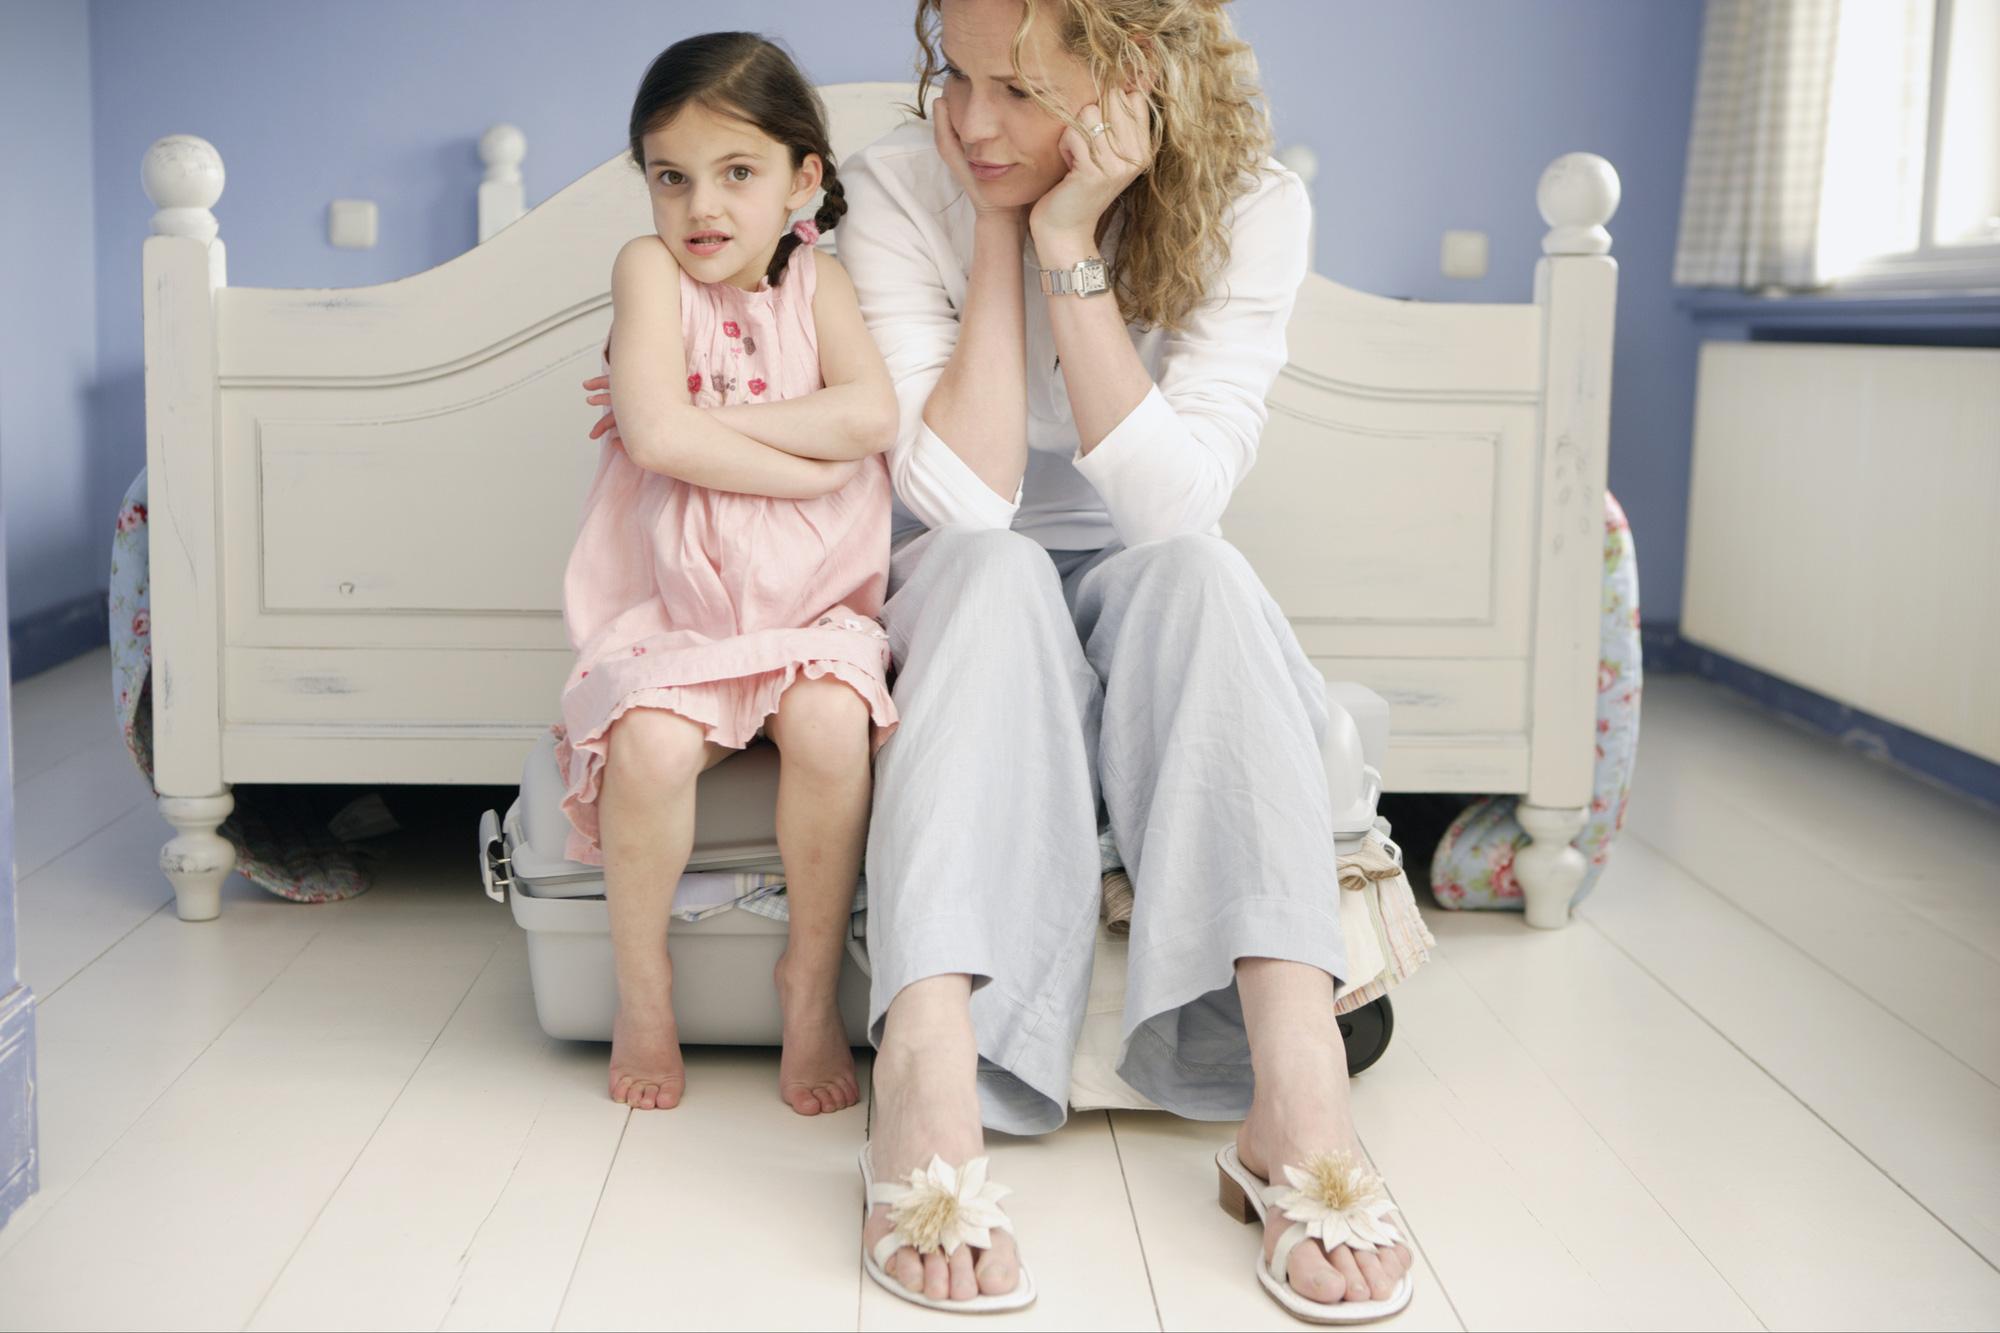 5 dấu hiệu chứng tỏ con bạn thông minh từ tấm bé nhưng cha mẹ thường bỏ qua, còn cho đó phá phách, ngỗ ngược - Ảnh 1.